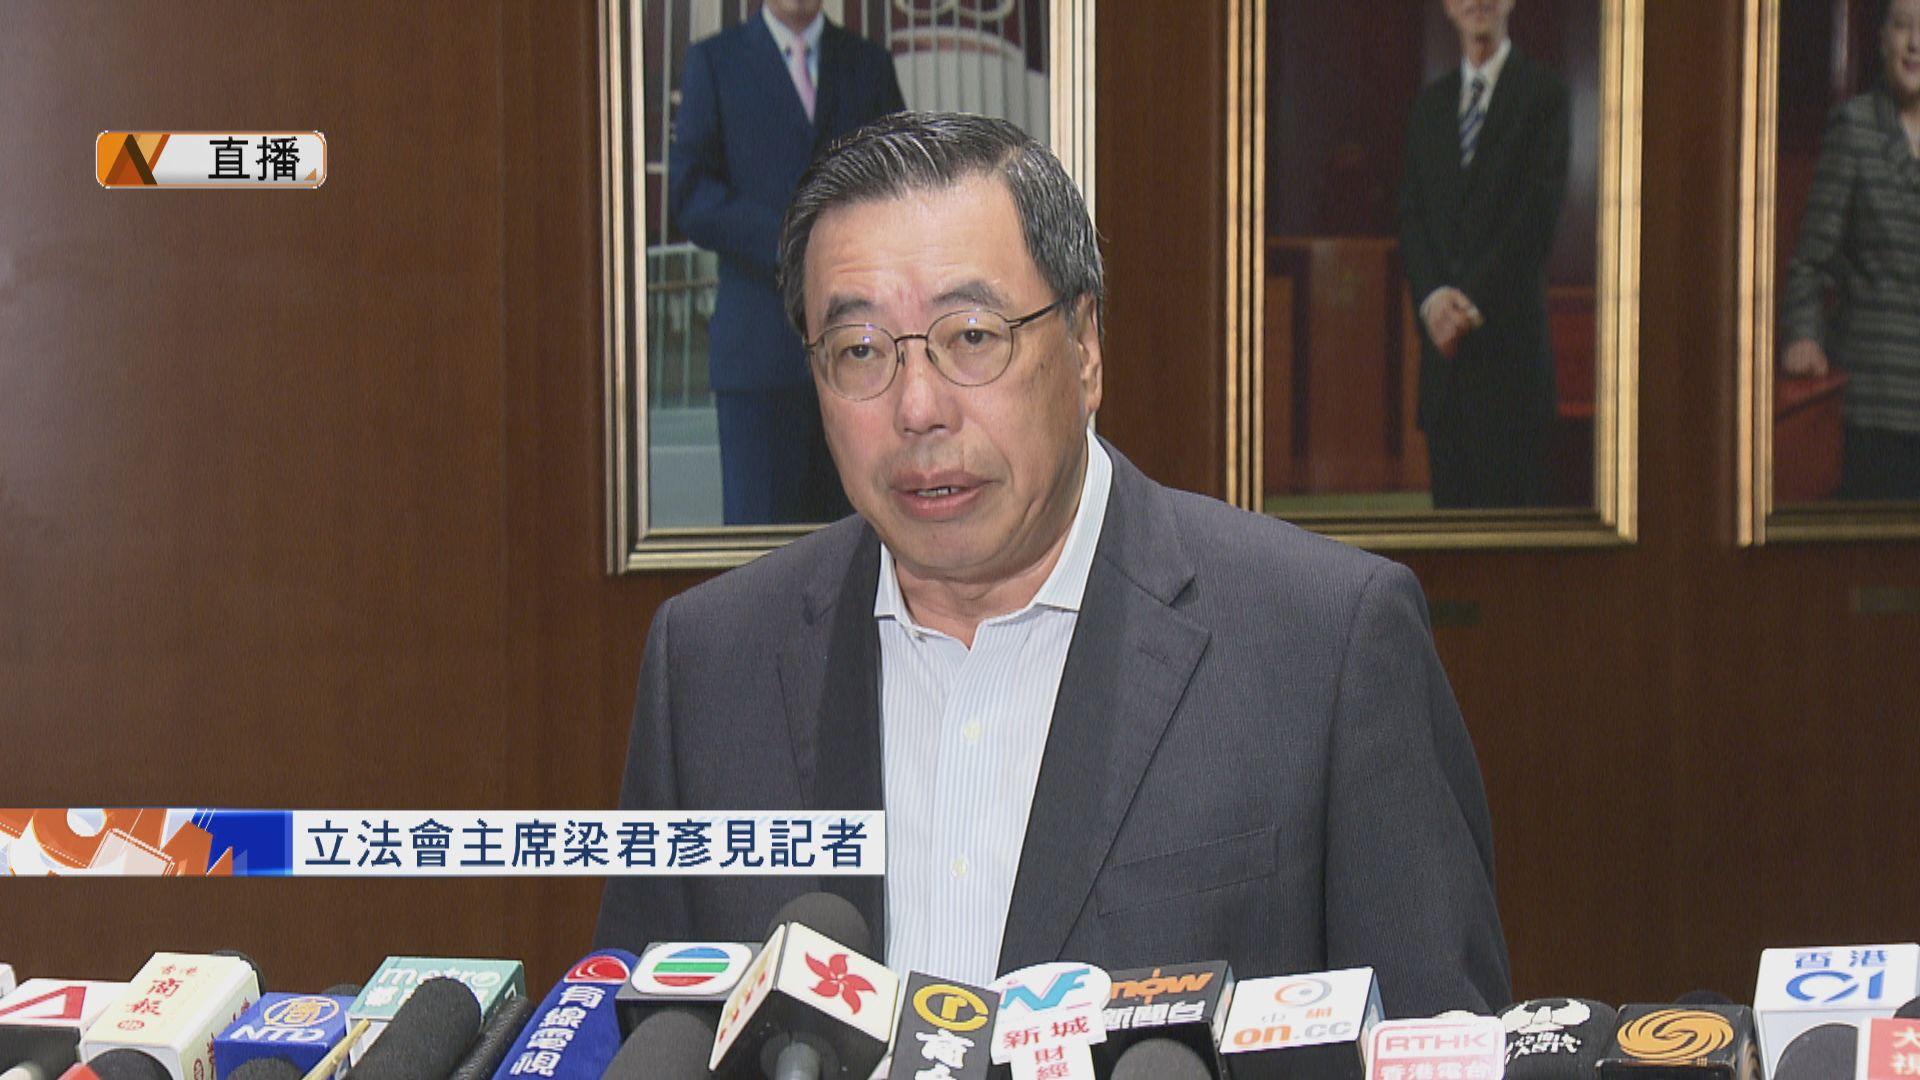 【最新】梁君彥:預計下周四表決逃犯條例修訂草案